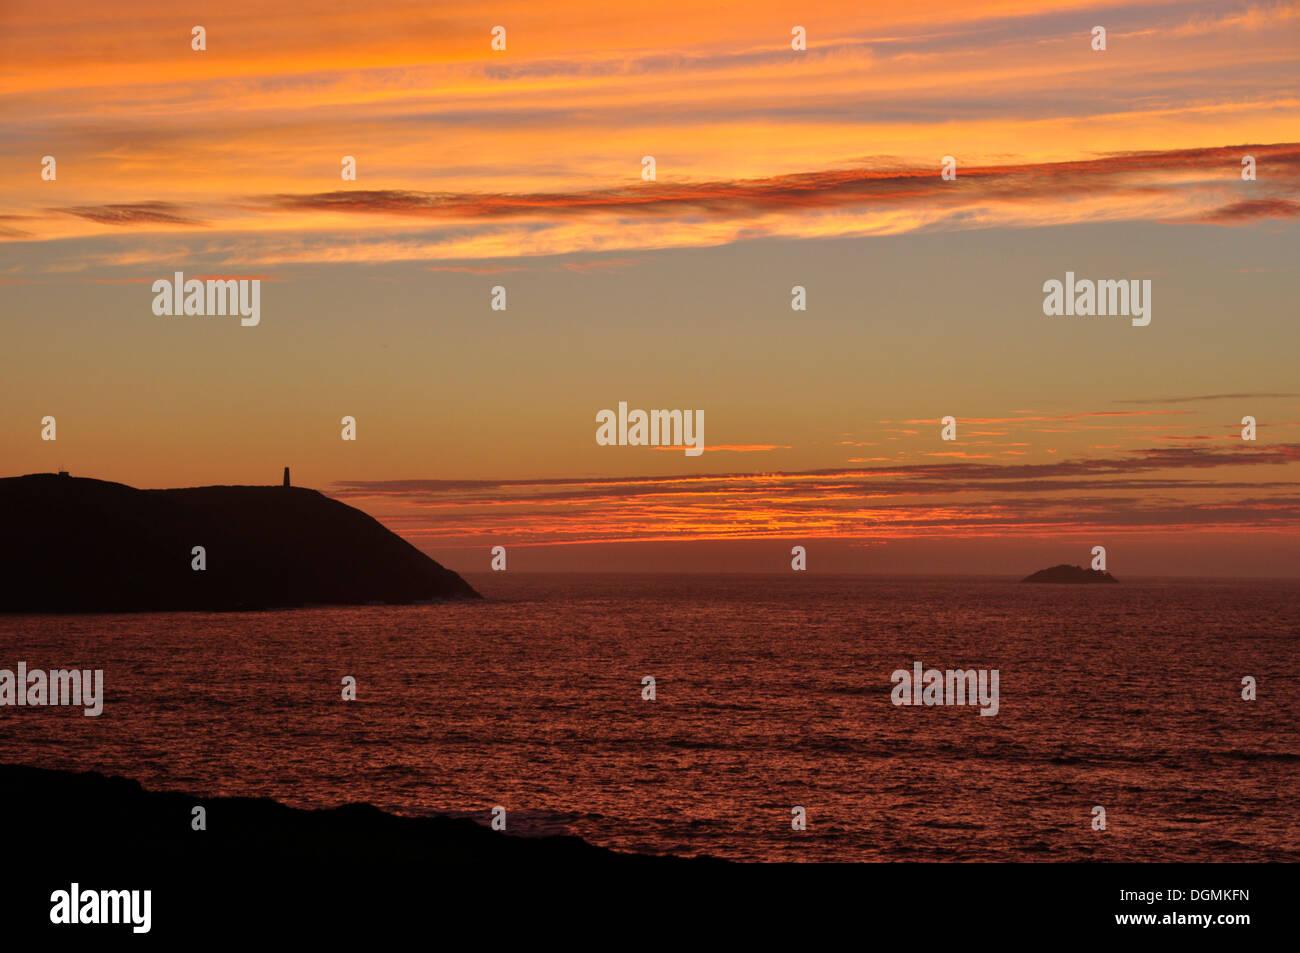 North Cornwall - Sonnenuntergang über Silhouette Stepper Point - orange-rot und blau Wolkengebilde über crimson Meer - Dämmerung Stockbild